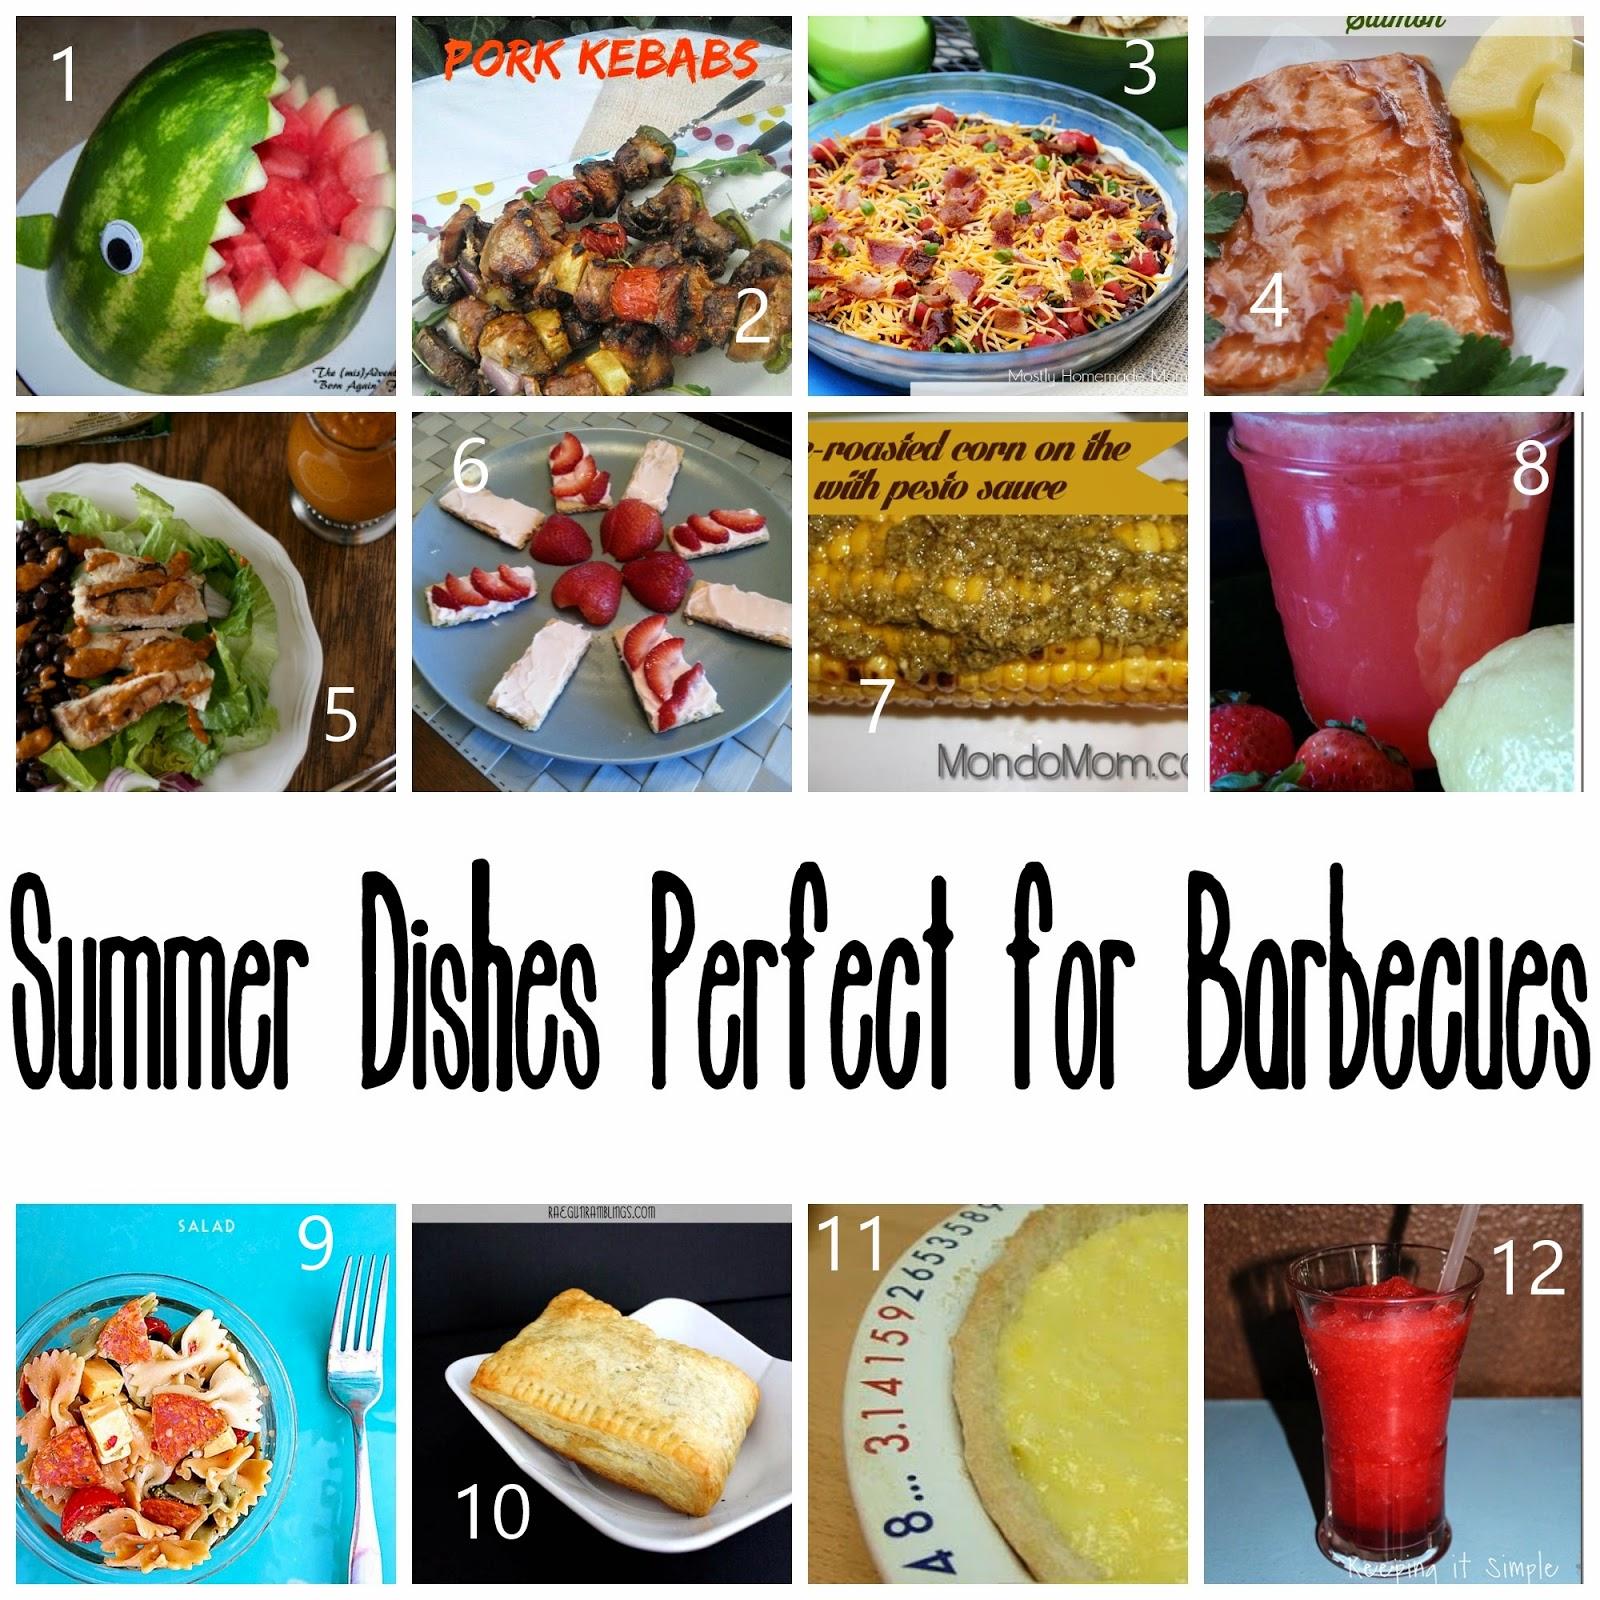 How to Make BBQ Teriyaki Salmon and Asian Coleslaw How to Make BBQ Teriyaki Salmon and Asian Coleslaw new pics